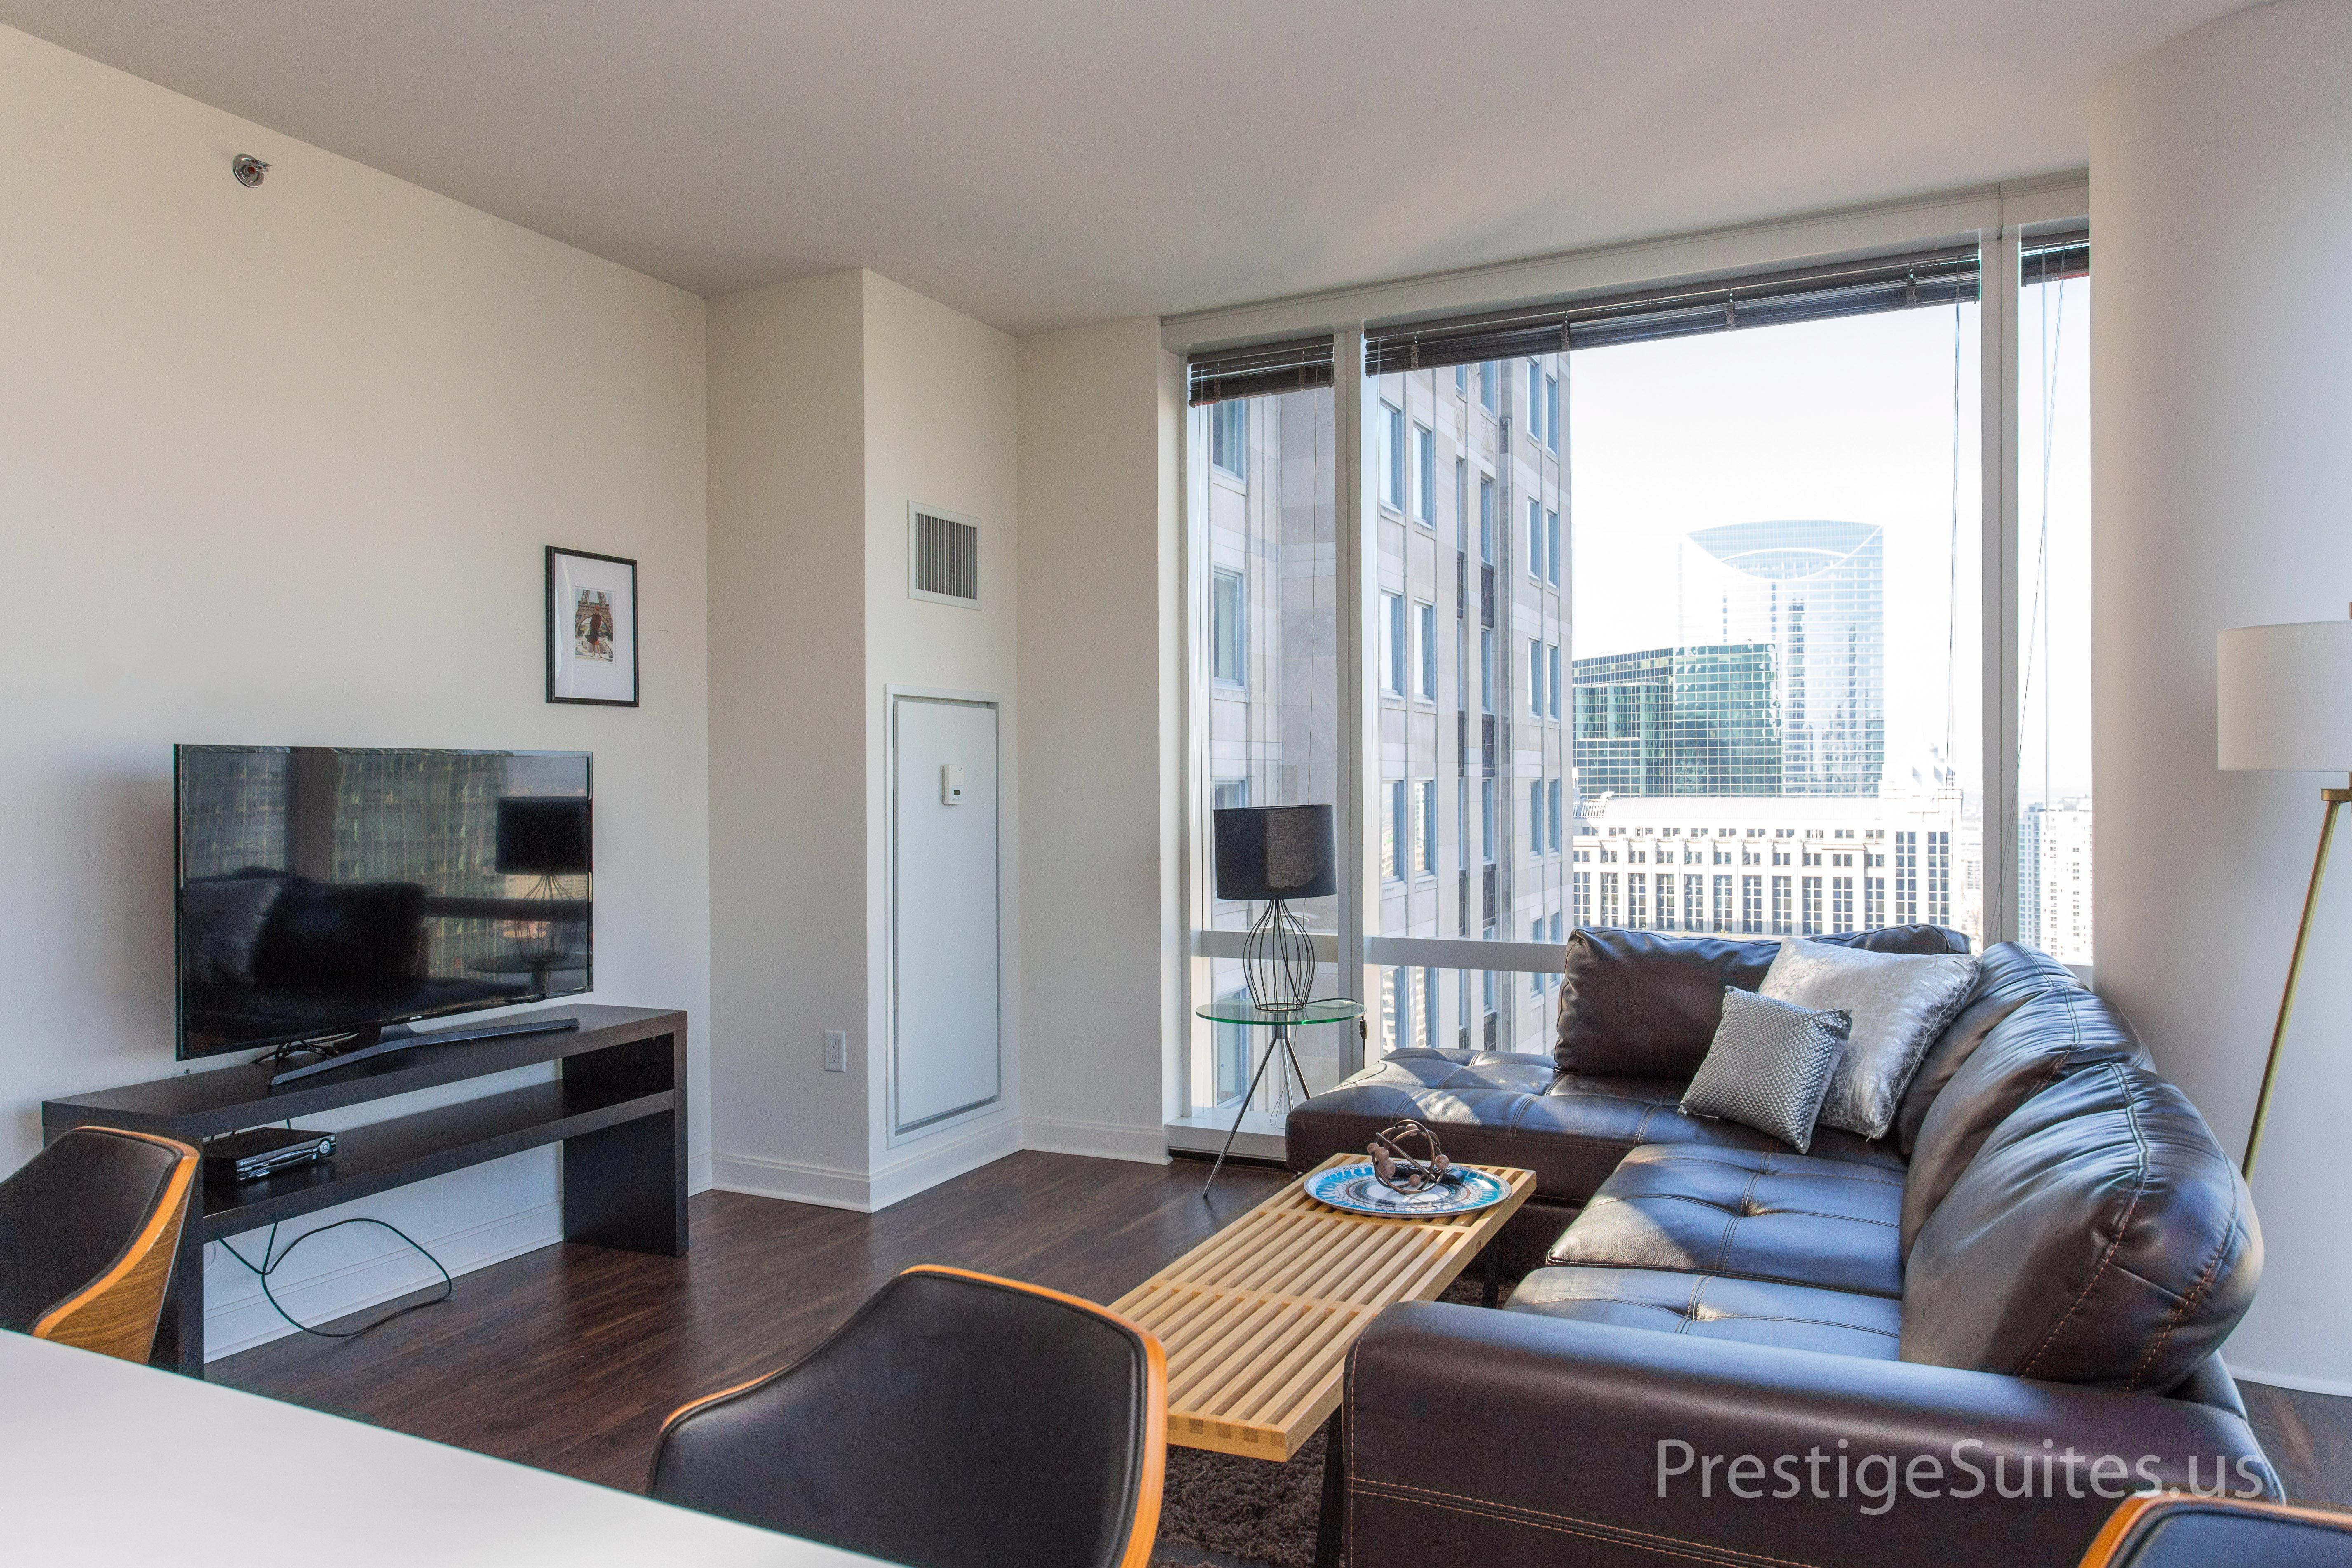 Prestige Suites 111 W Wacker 3904_032